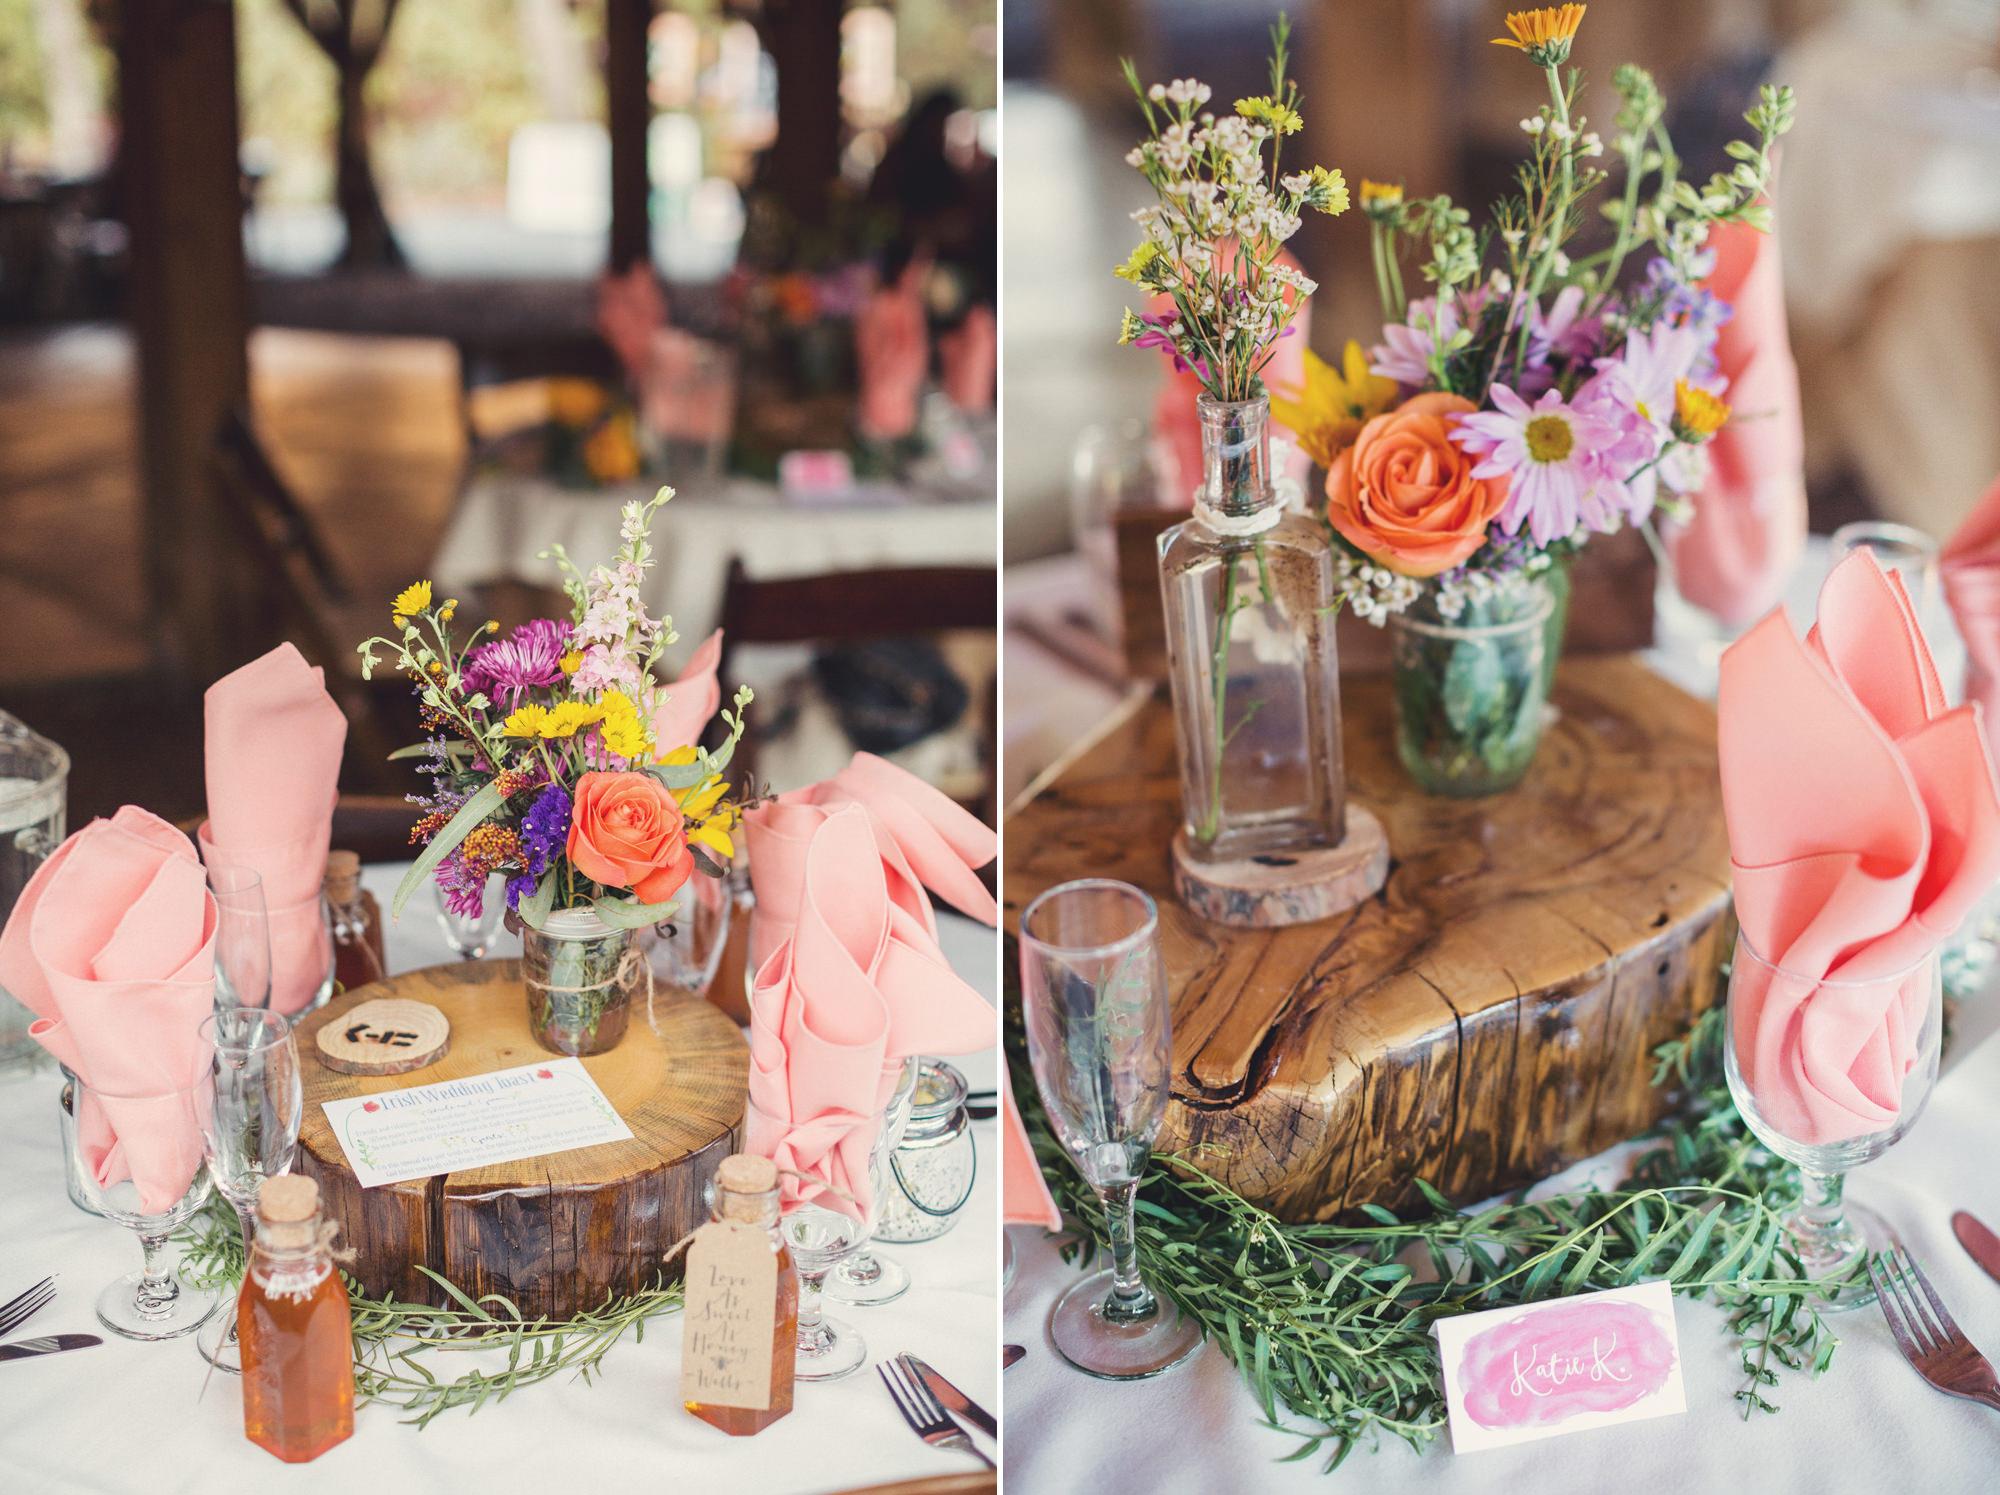 Rustic wedding in California ©Anne-Claire Brun 99